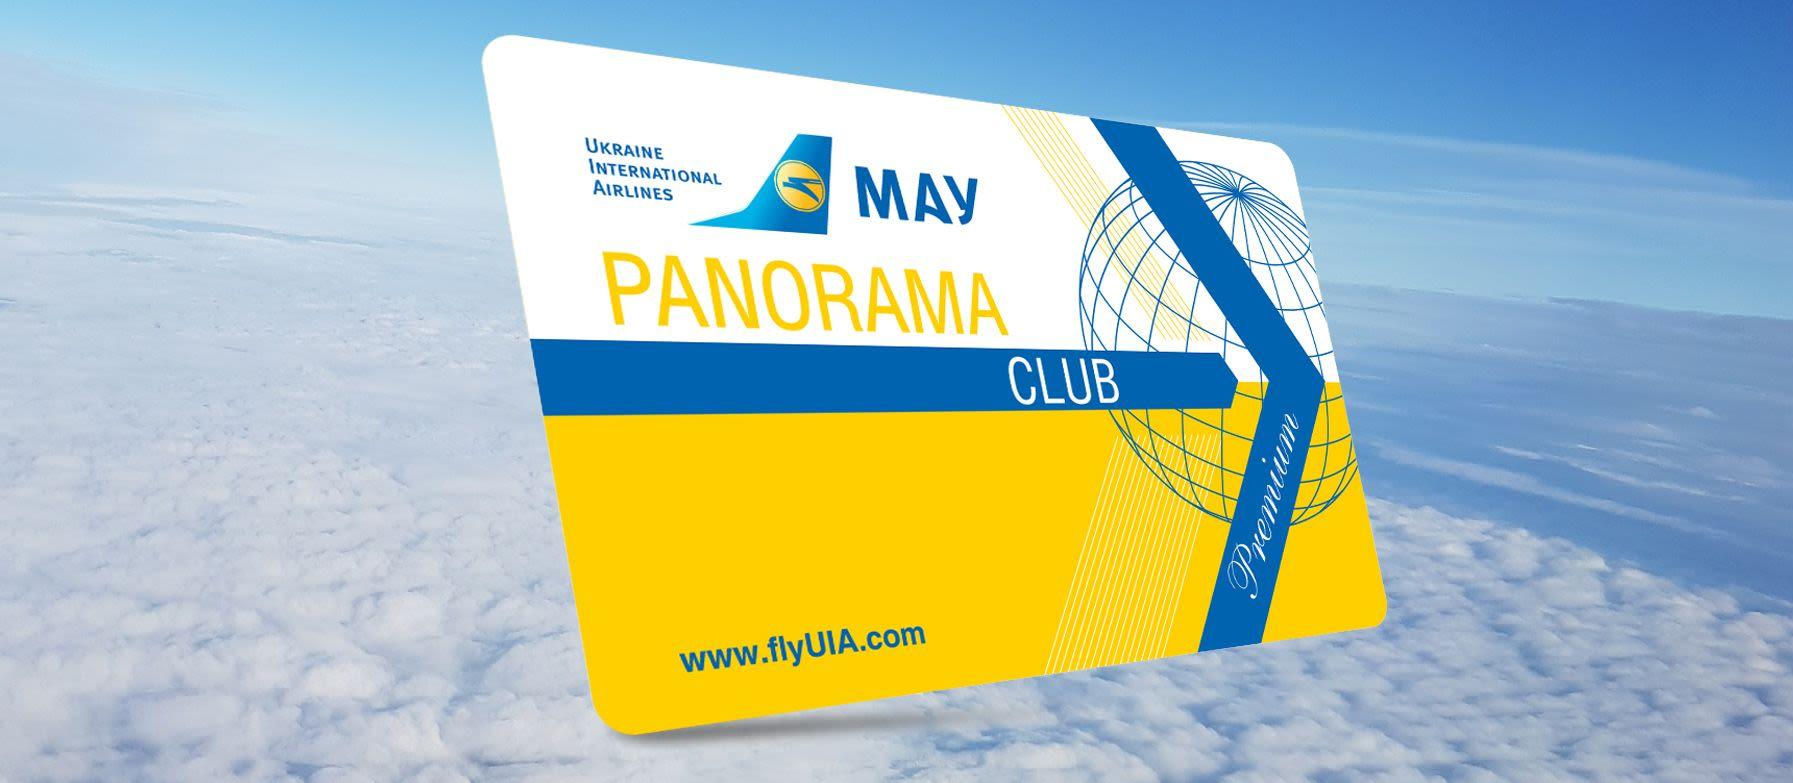 פנורמה - מועדון הנוסע המתמיד של יוקריין אינטרנשיונל איירליינס UIA